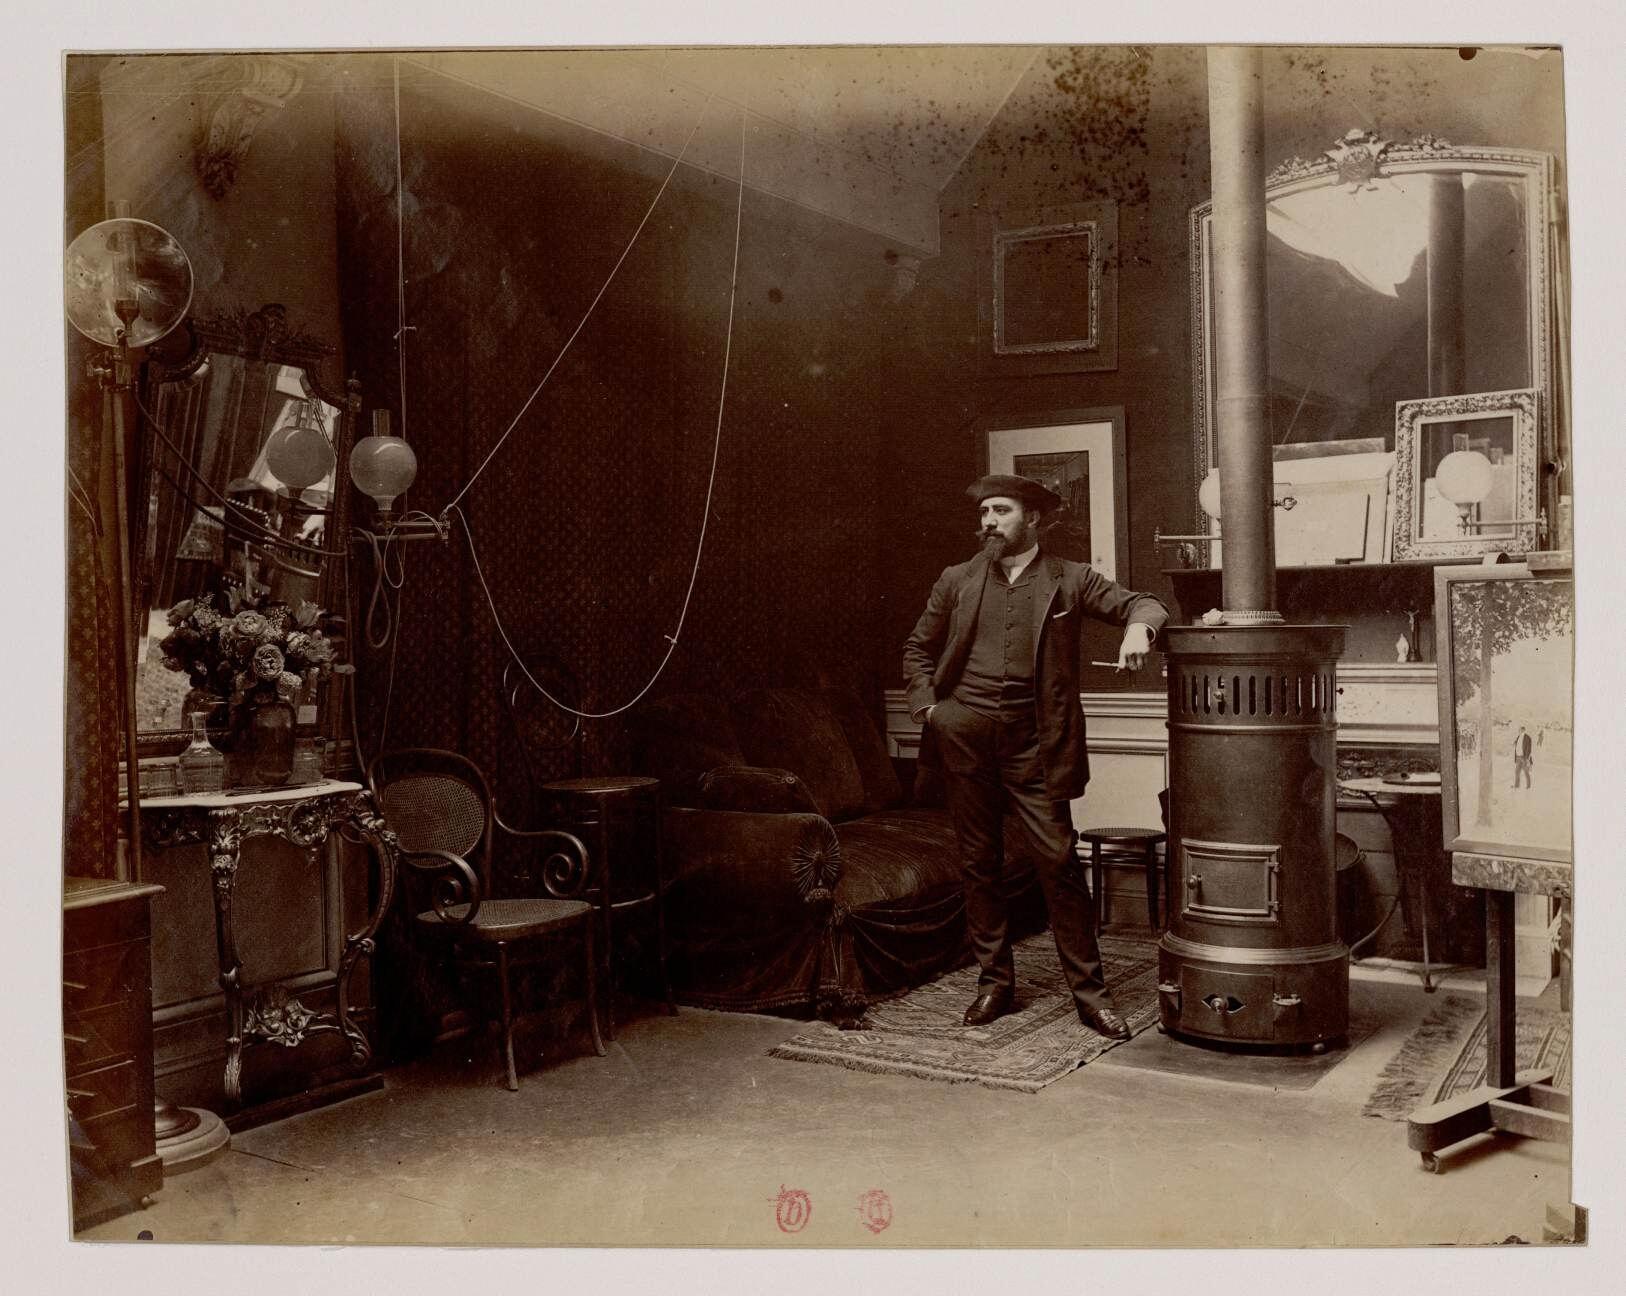 16. Жан Беро (1849-1935)  — французский салонный живописец, приобретший известность многочисленными жанровыми работами, изображавшими жизнь Парижа и парижского светского общества